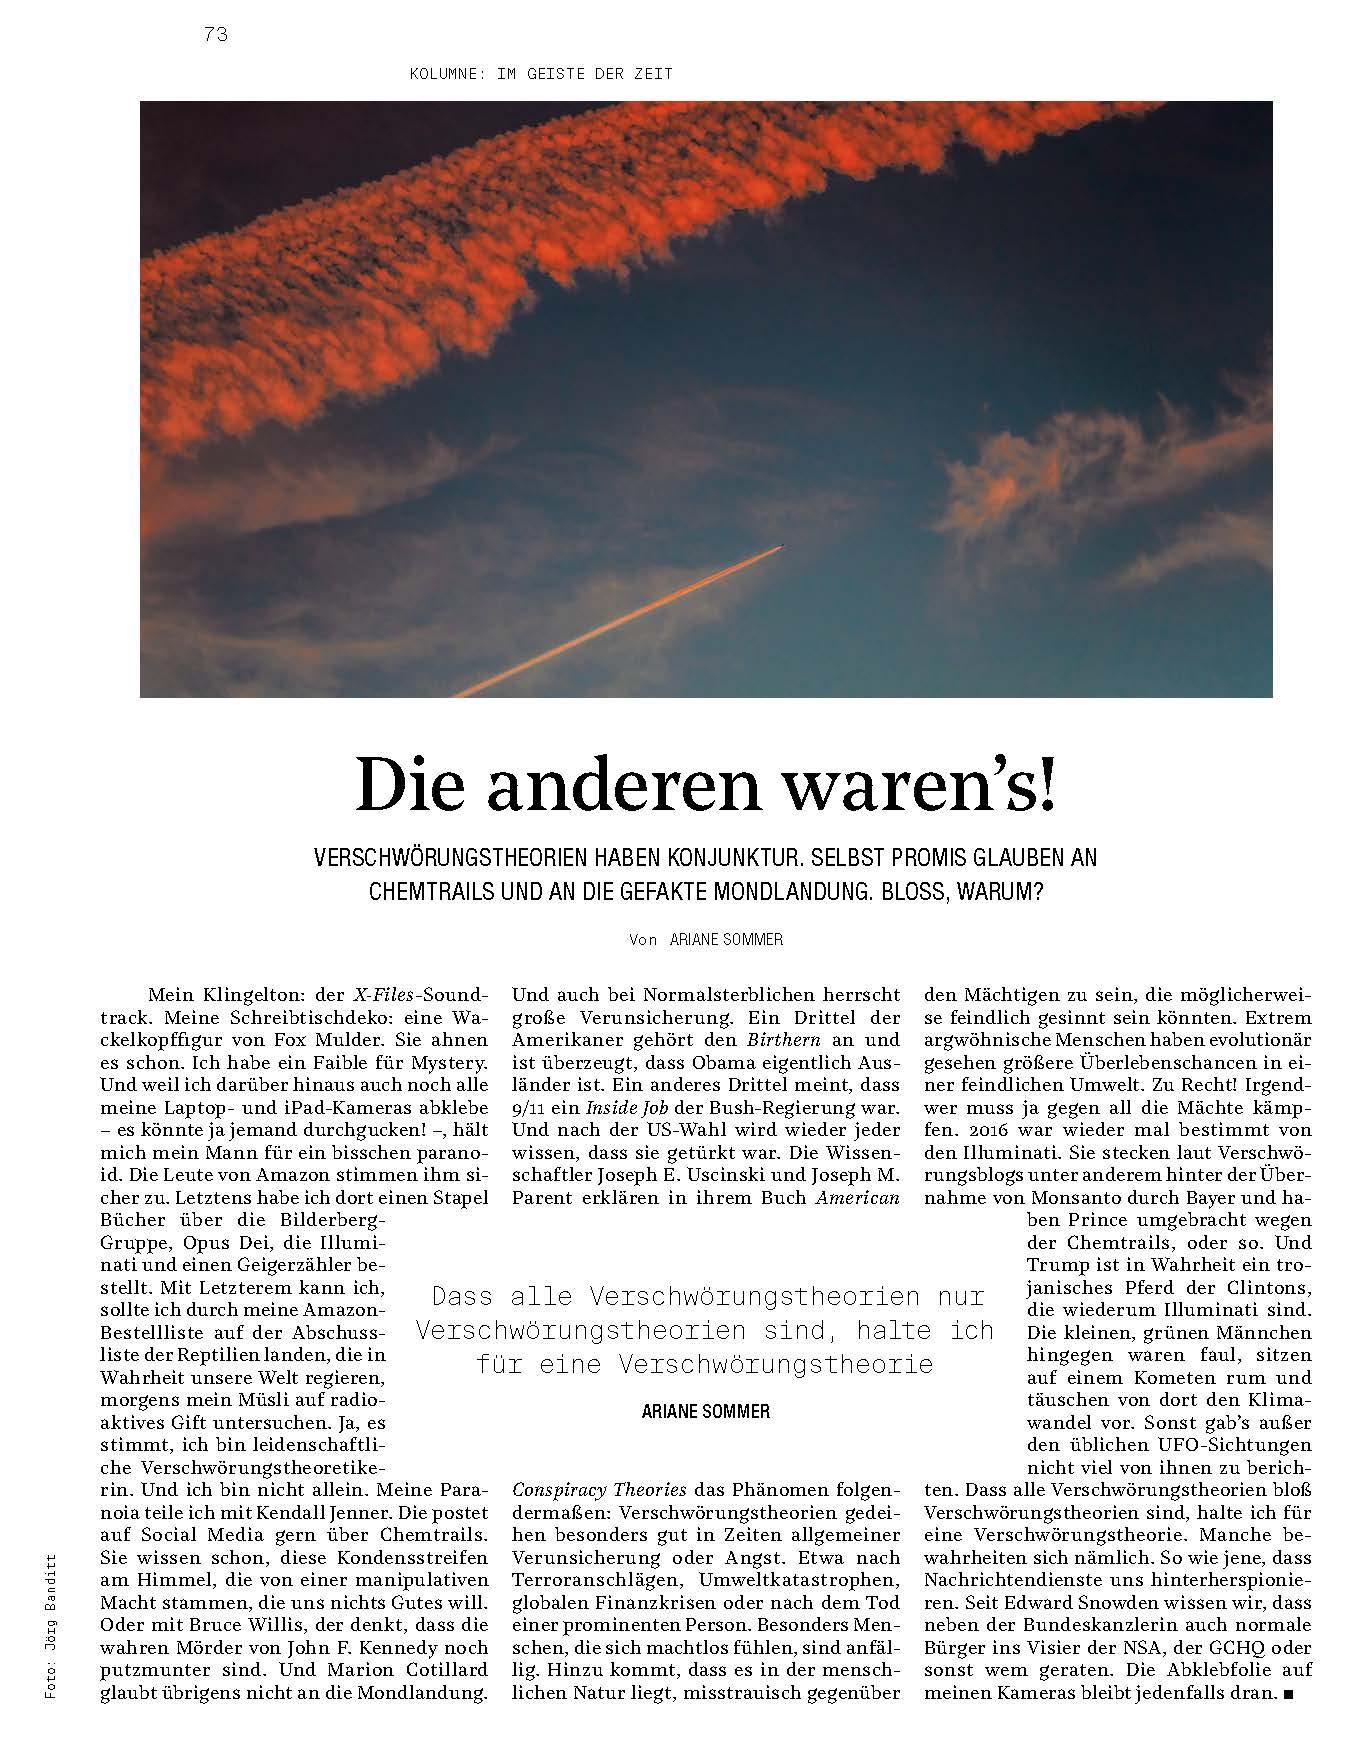 Titelfoto zu einem Beitrag in der Zeitschrift inter/VIEW vom November 2016